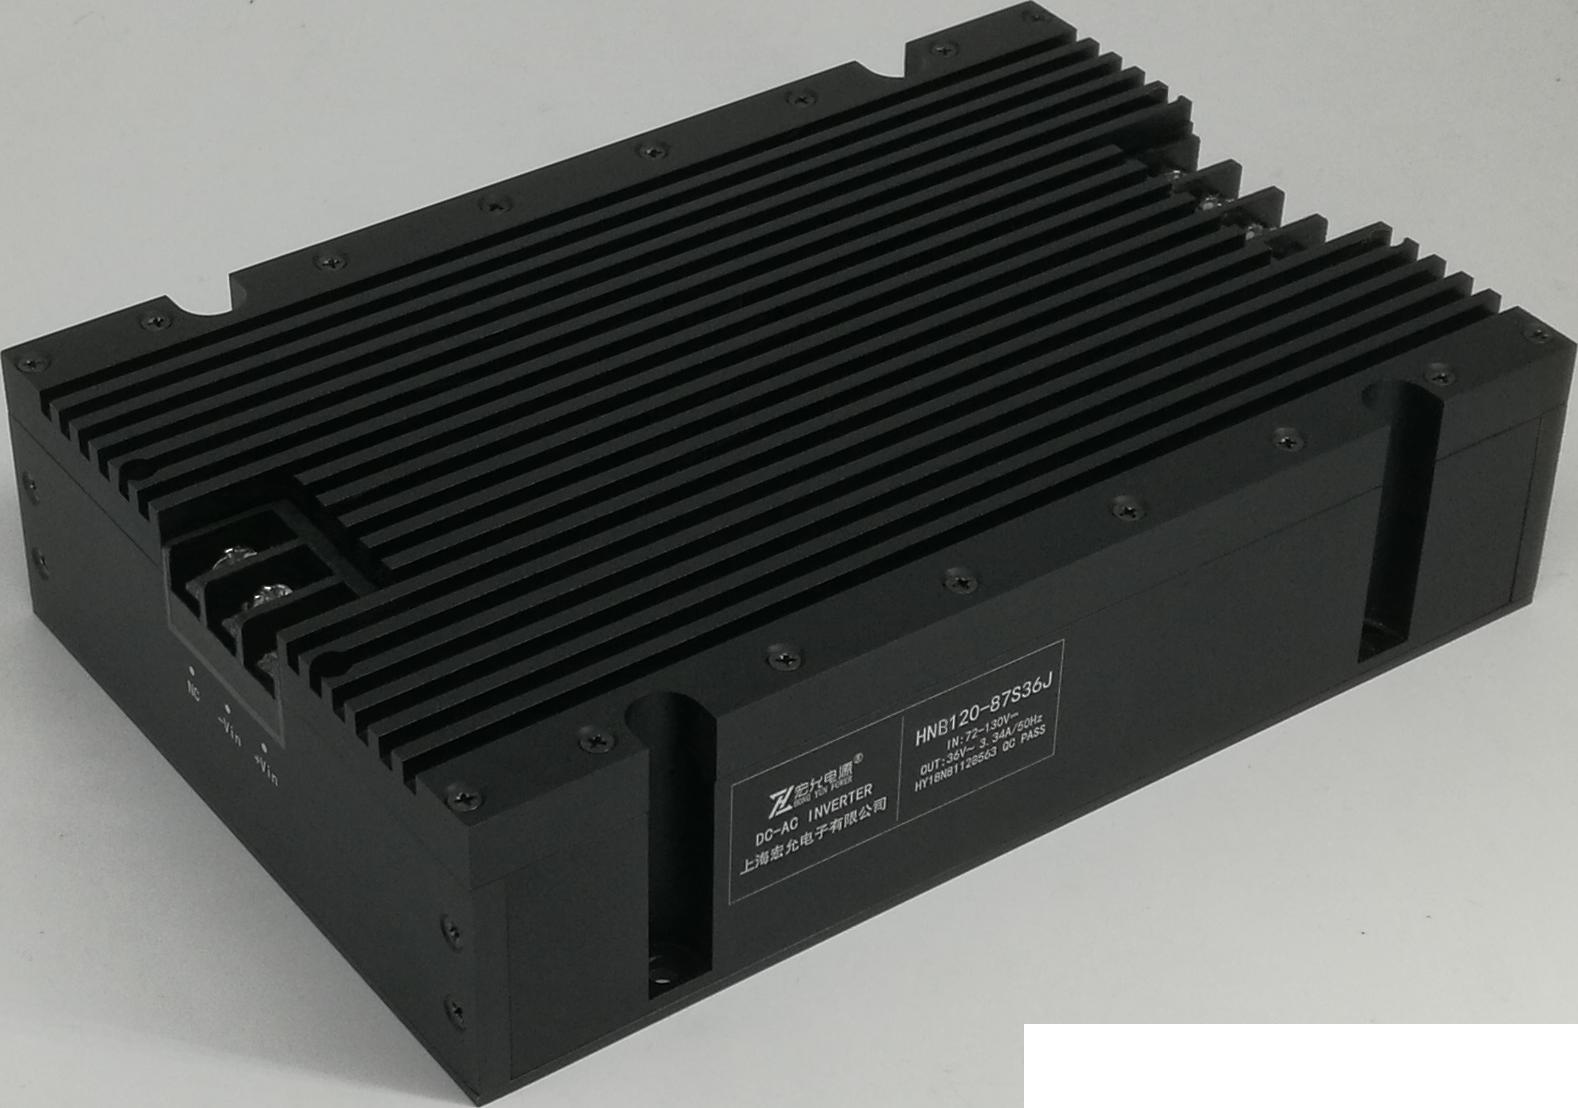 HNB系列 100-300W逆變模塊電源